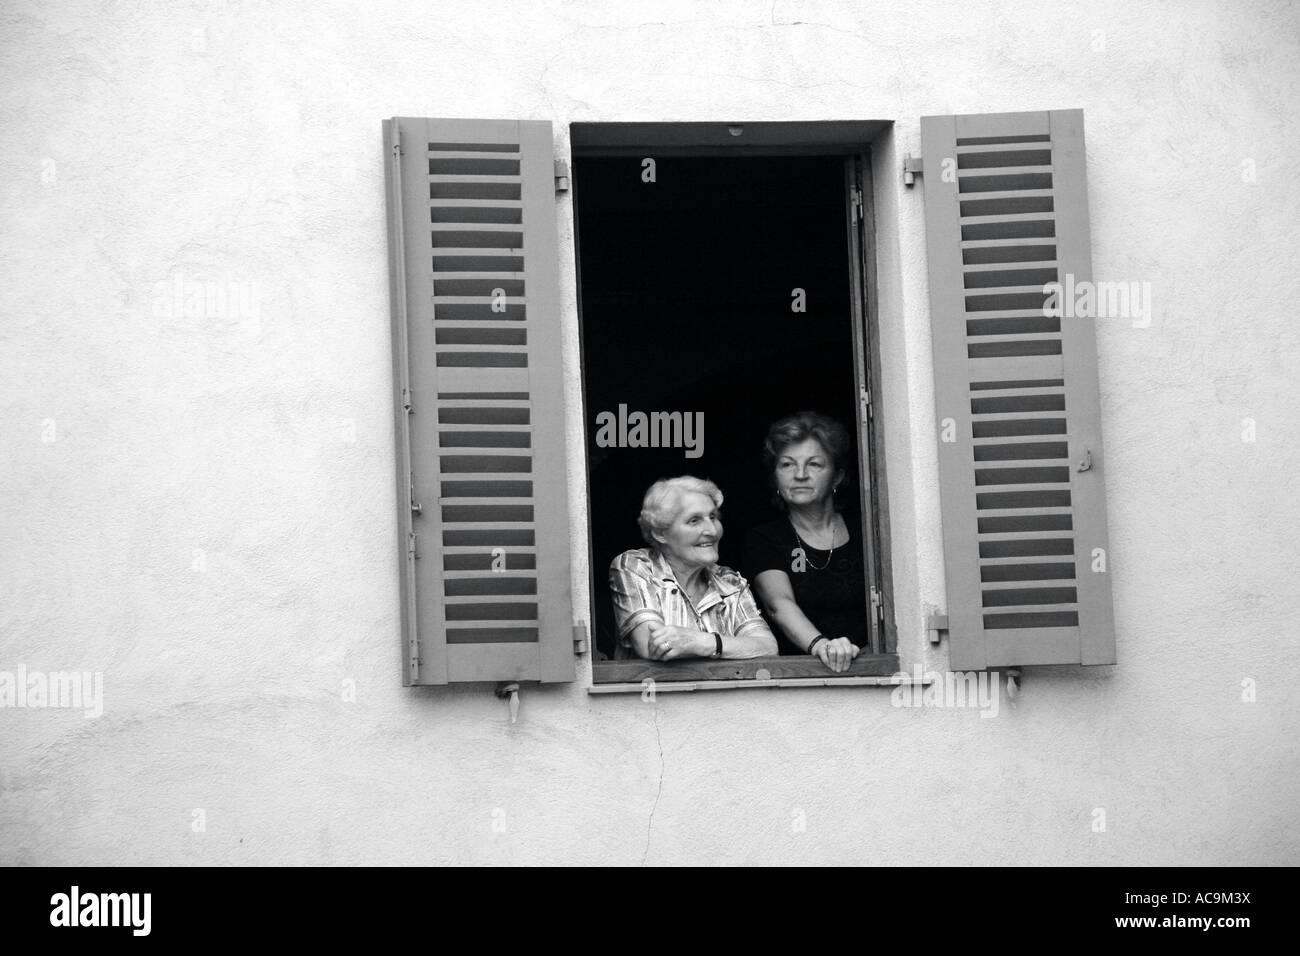 Women in a Window, Villeneuve-Loubet, France - Stock Image